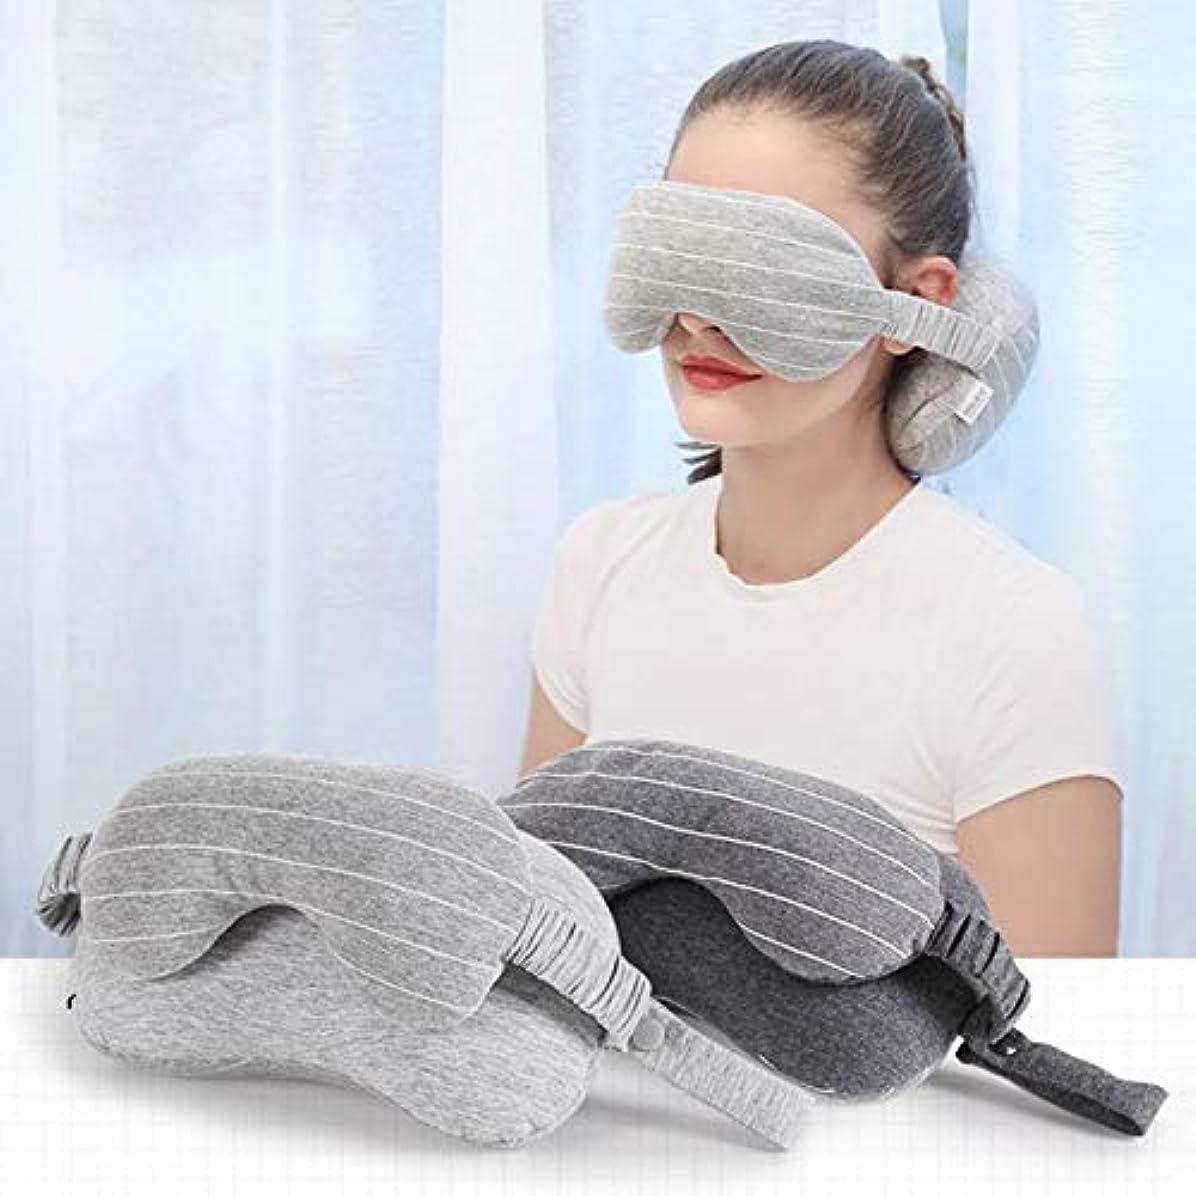 砂必要条件建てる注多目的アイマスク首投げ枕睡眠マスク枕トラベルフォーム粒子充填縞模様U1